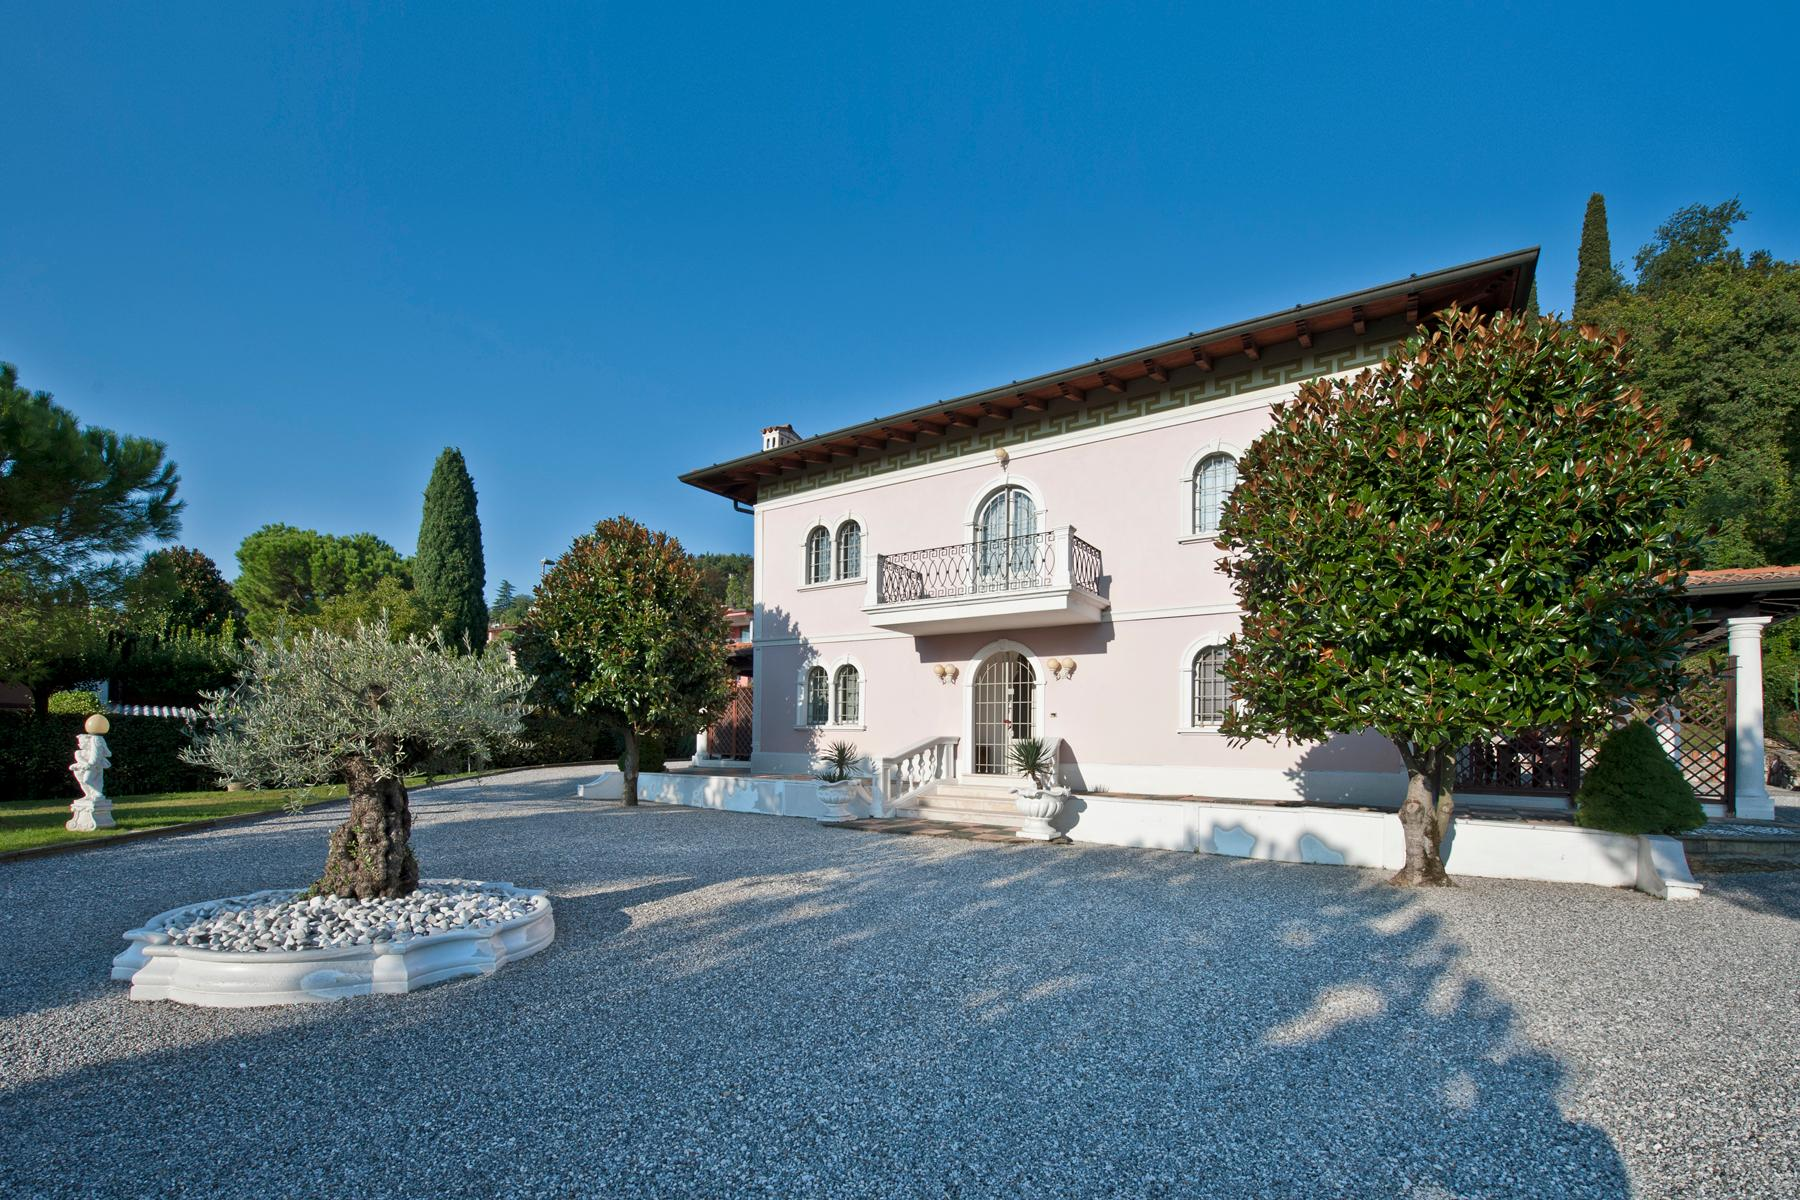 Villa indipendente di charme con piscina ed ampio giardino - 1